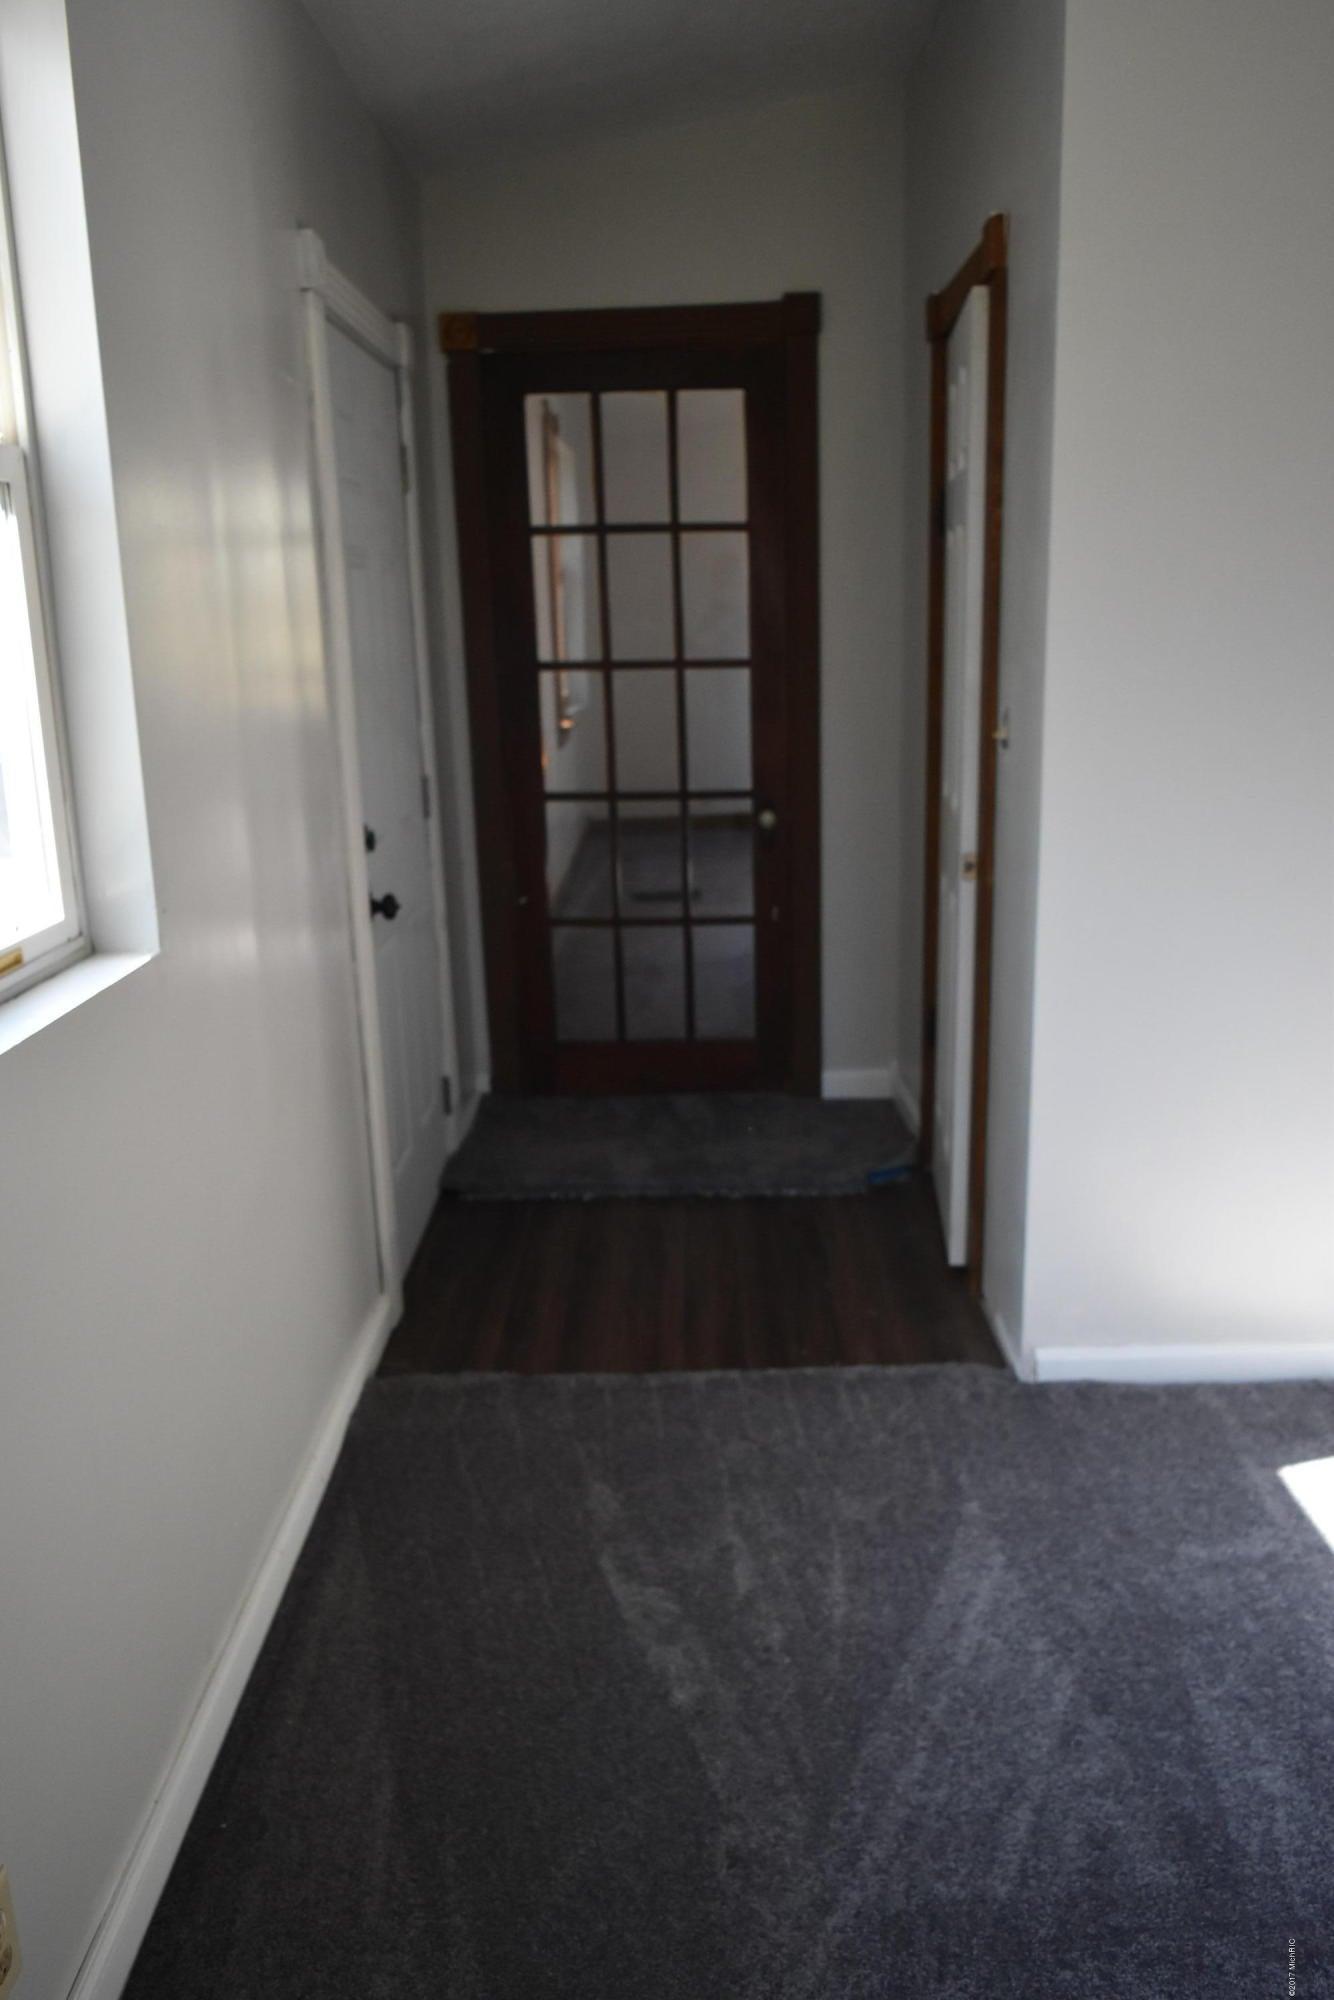 210 N Swan Street Colon MI 49040 & 210 N Swan Street Colon MI 49040 - SOLD LISTING MLS # 17055792 ...